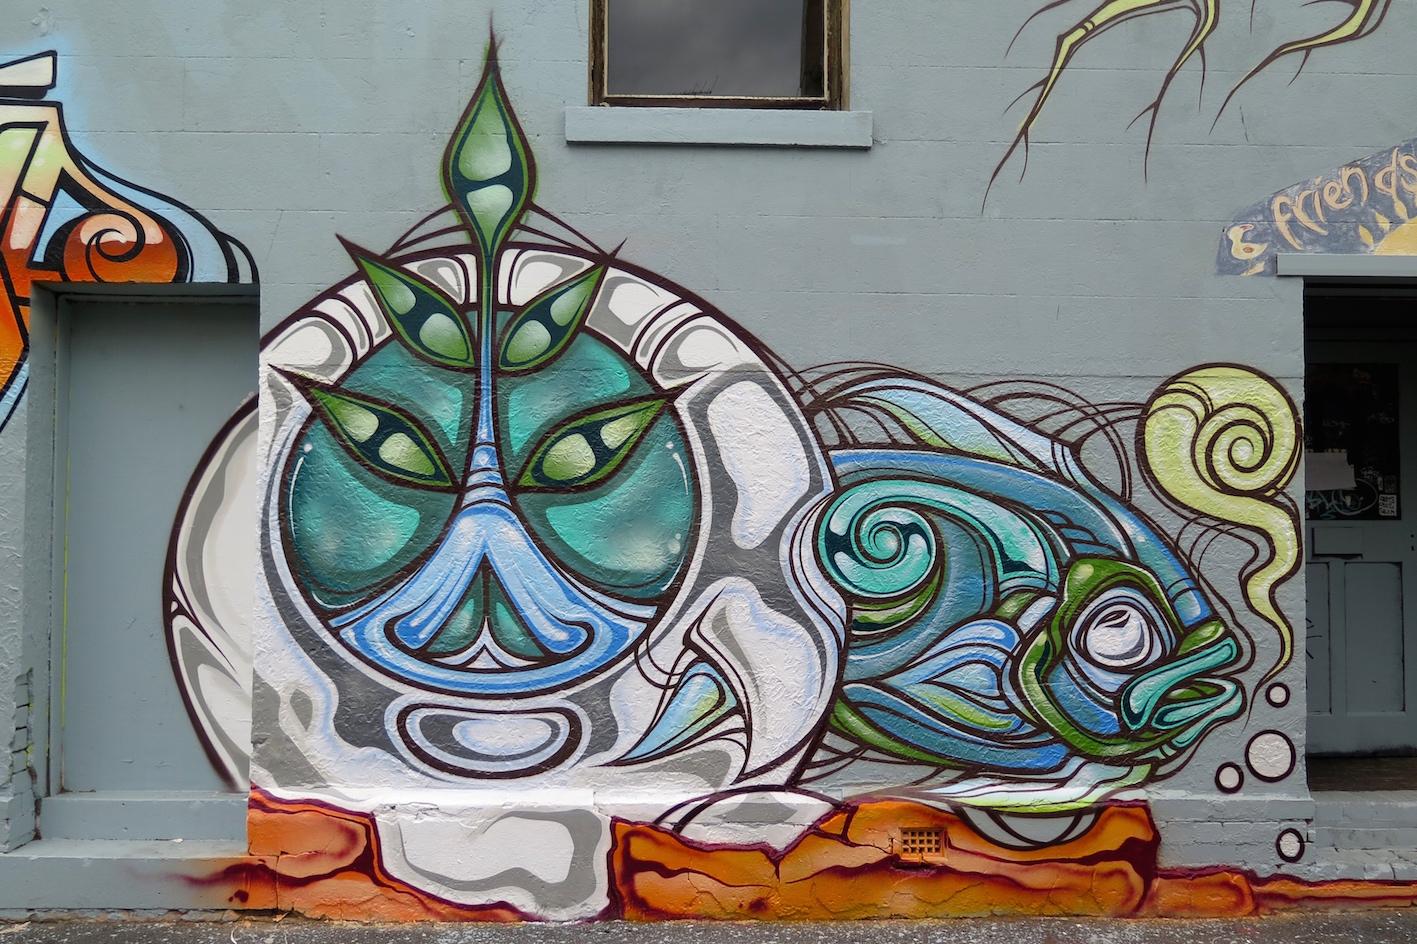 deansunshine_landofsunshine_melbourne_streetart_graffiti_phibs back in Melb 4